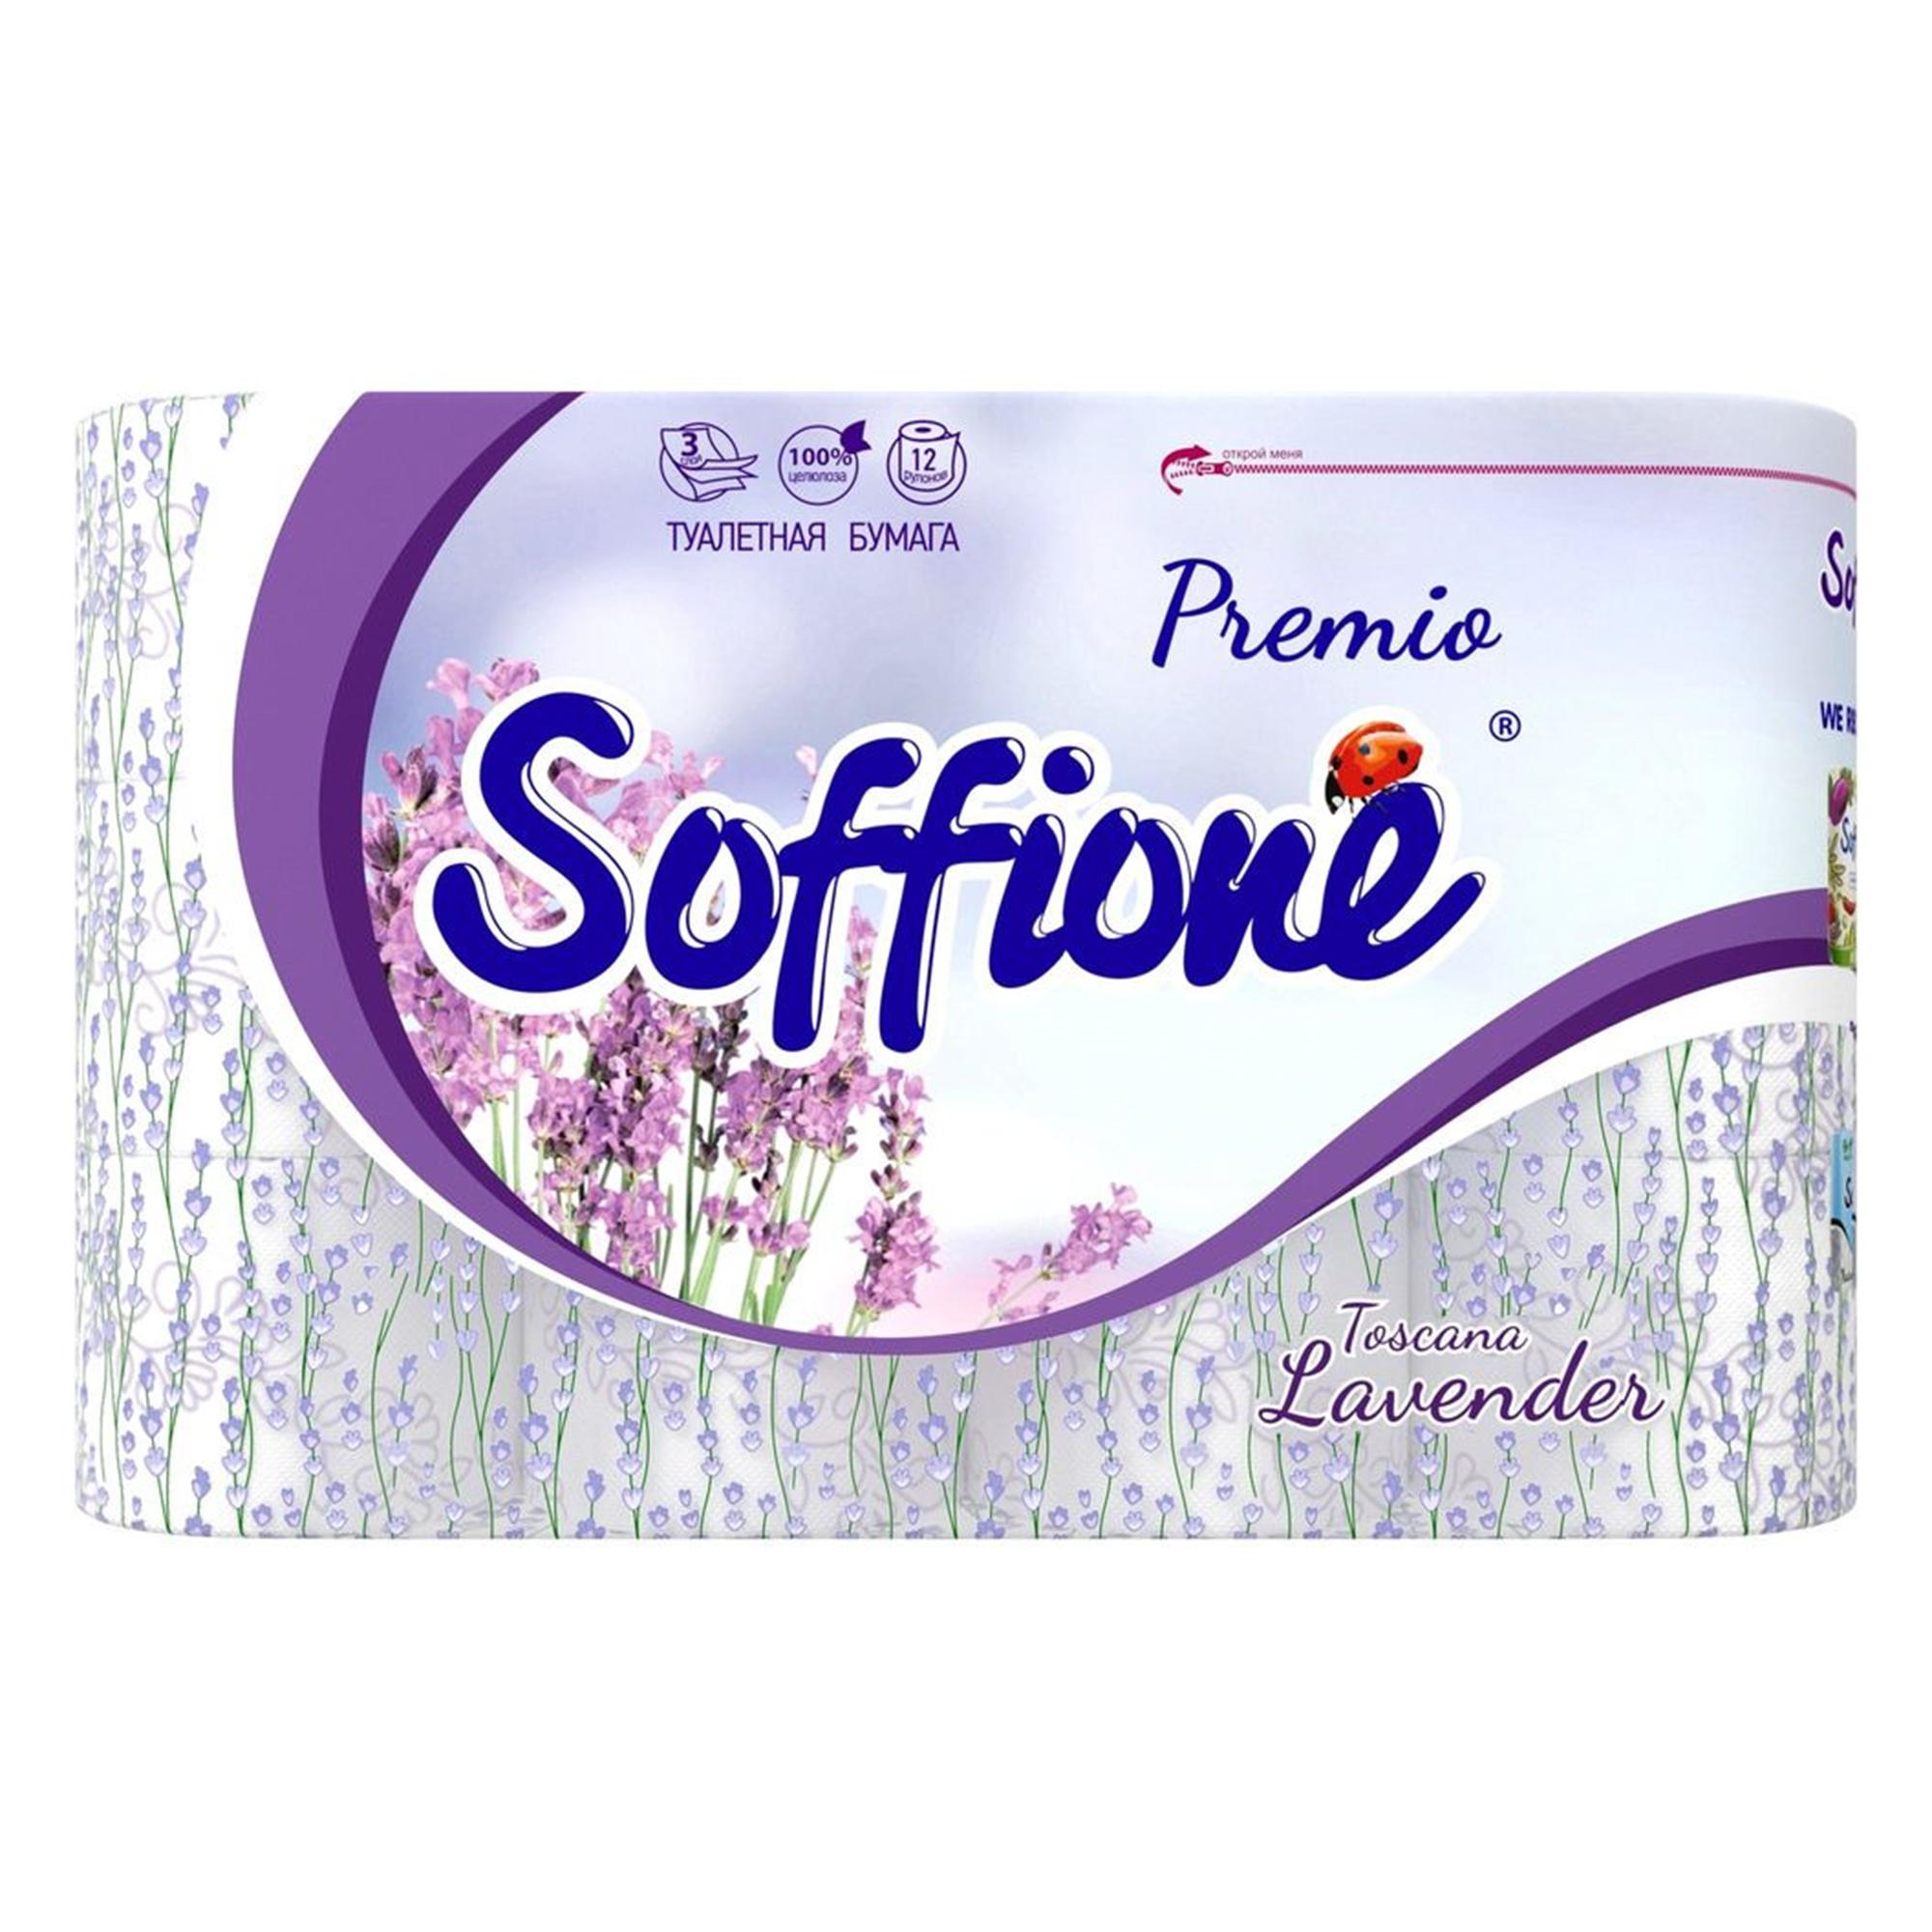 Туалетная бумага Soffione Premio Lavender 3 слоя 12 рулонов бумага туалетная ideshigyo персик и нектарин 12 рулонов